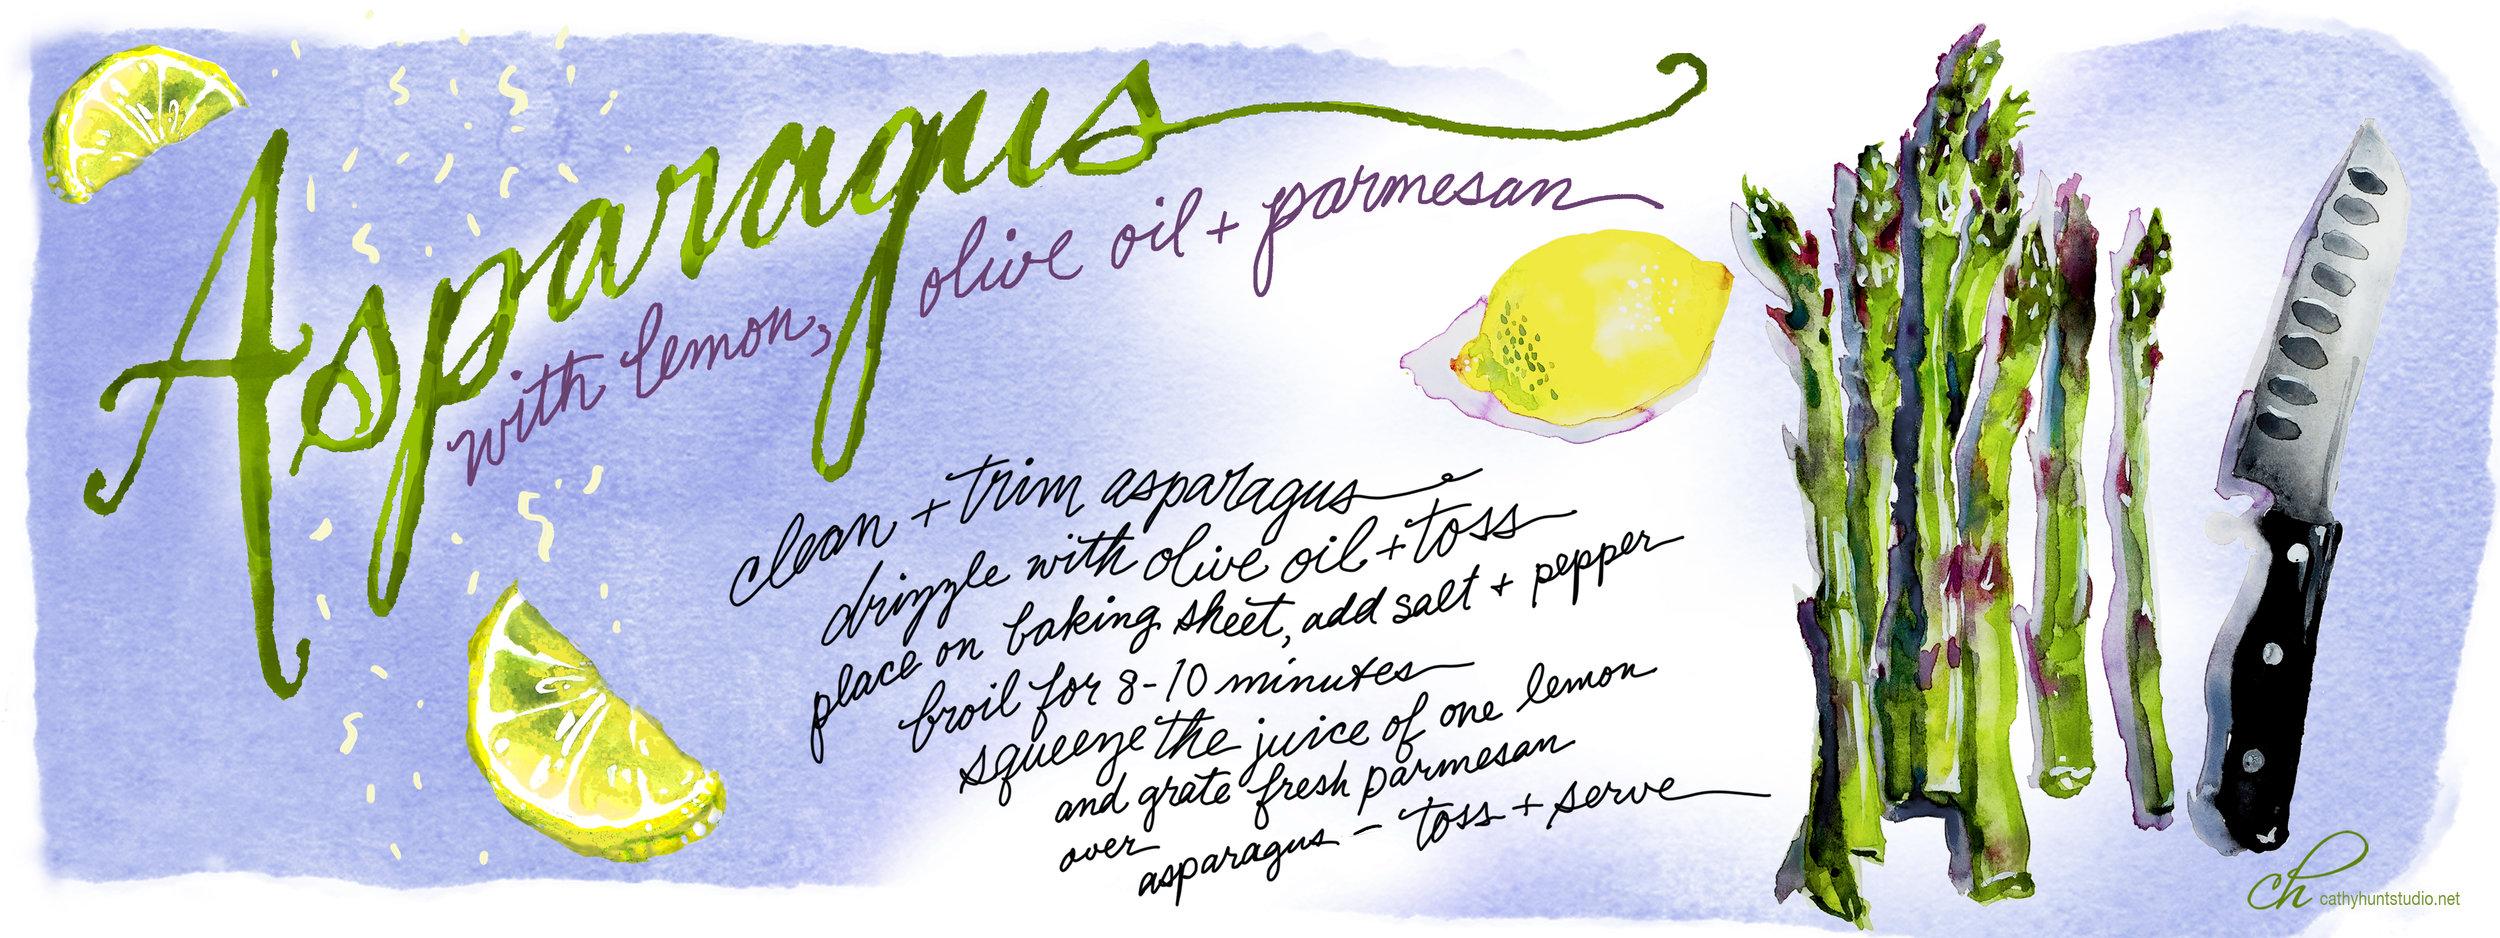 ASPARAGUS-LEMON_cathyhunt.jpg